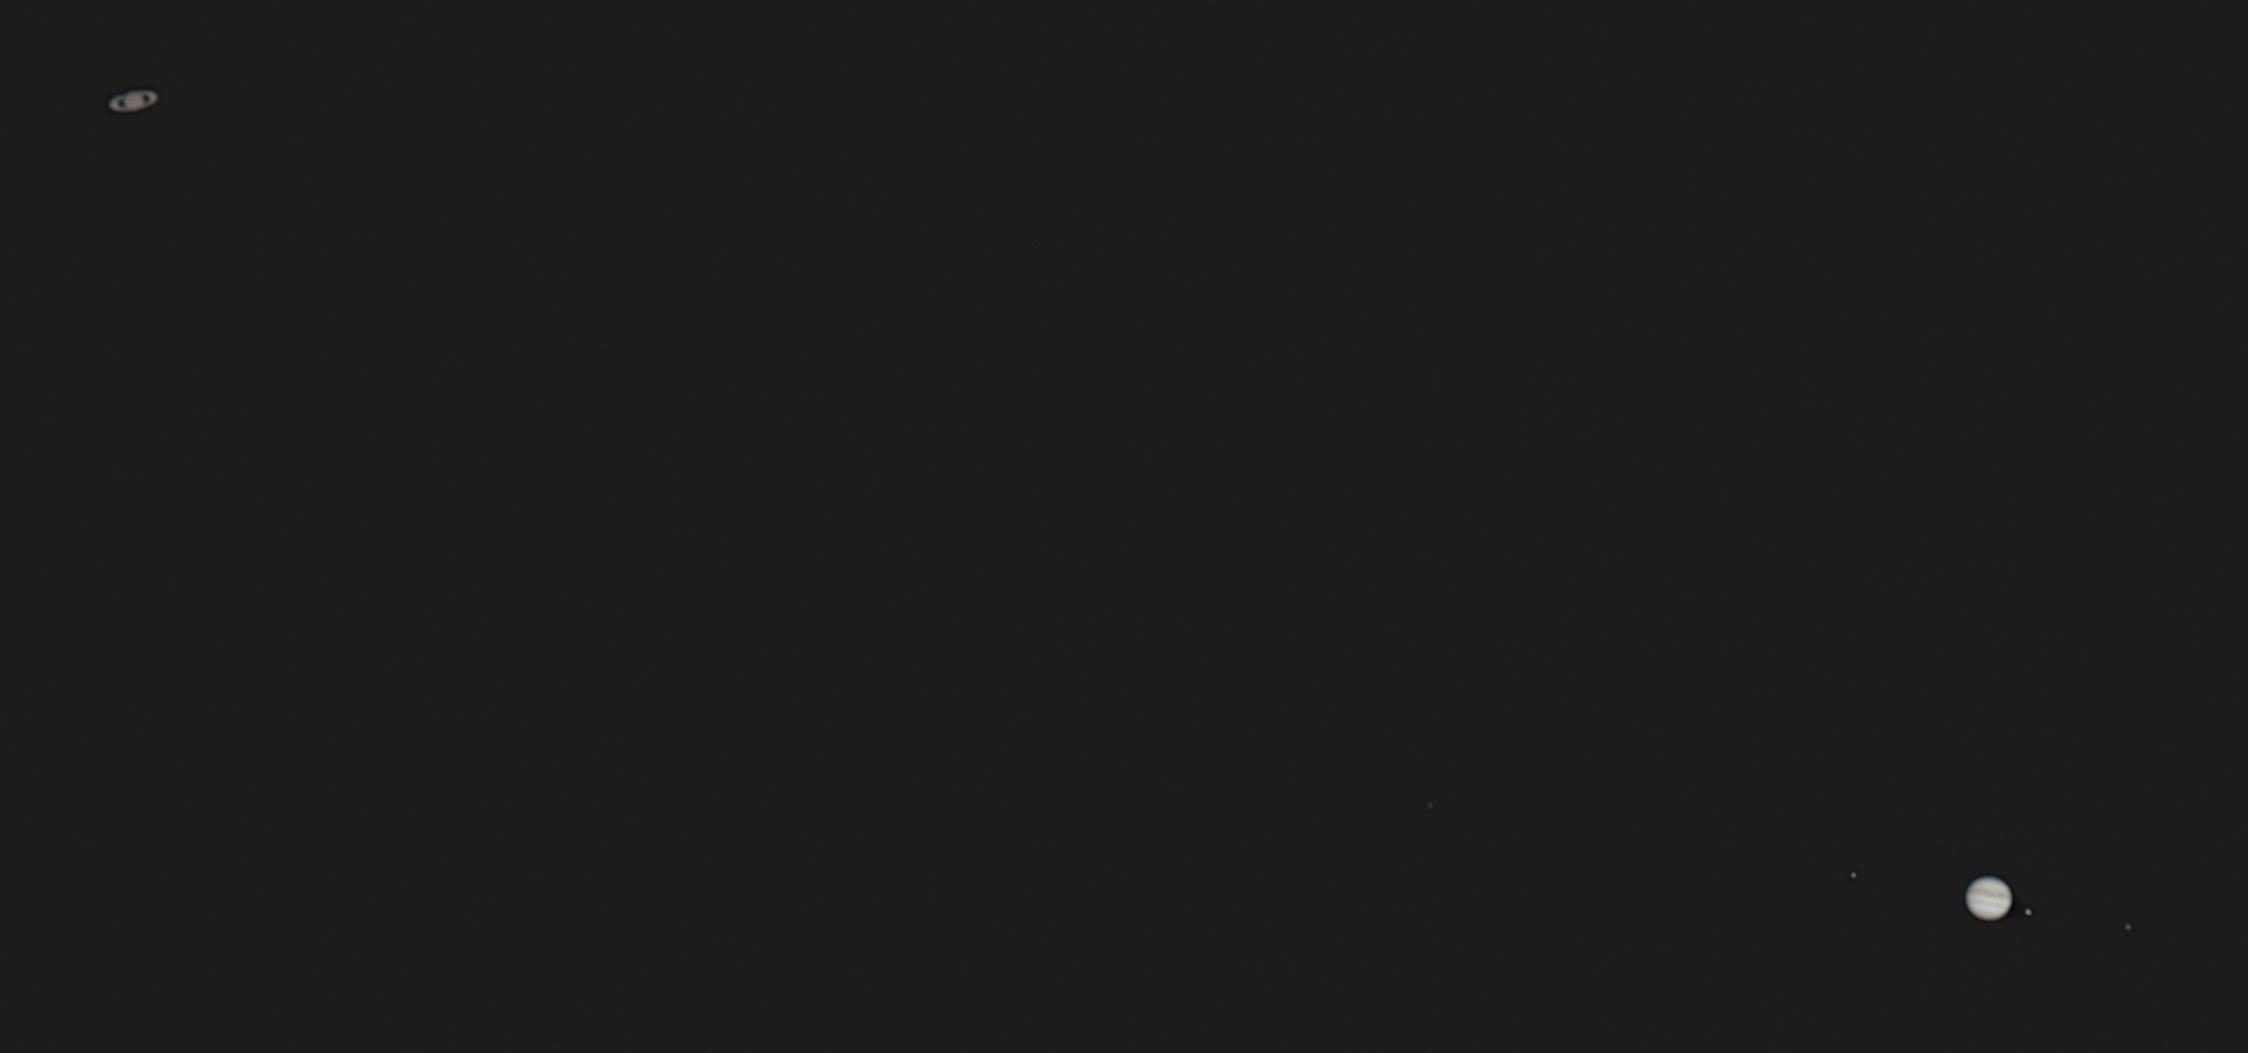 木星と土星の接近 2020/12/18 17:28 (JST)